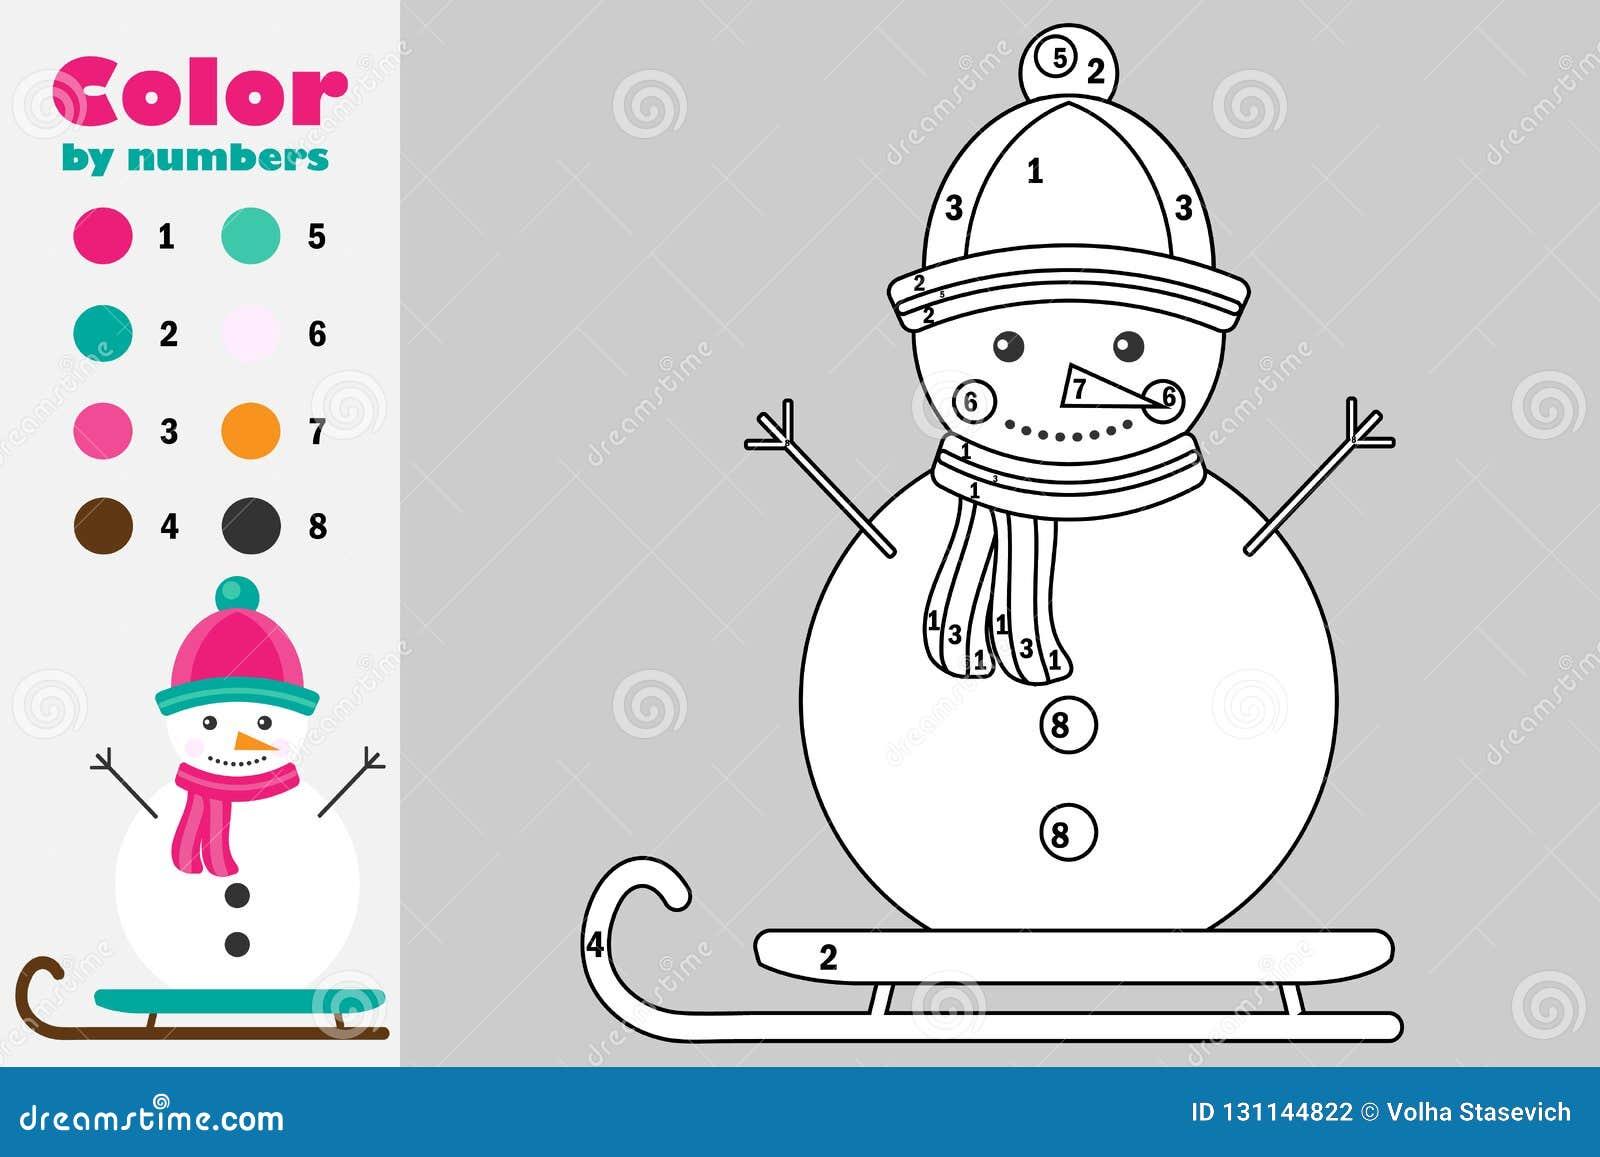 Muñeco De Nieve En El Estilo De La Historieta Color Por El Número